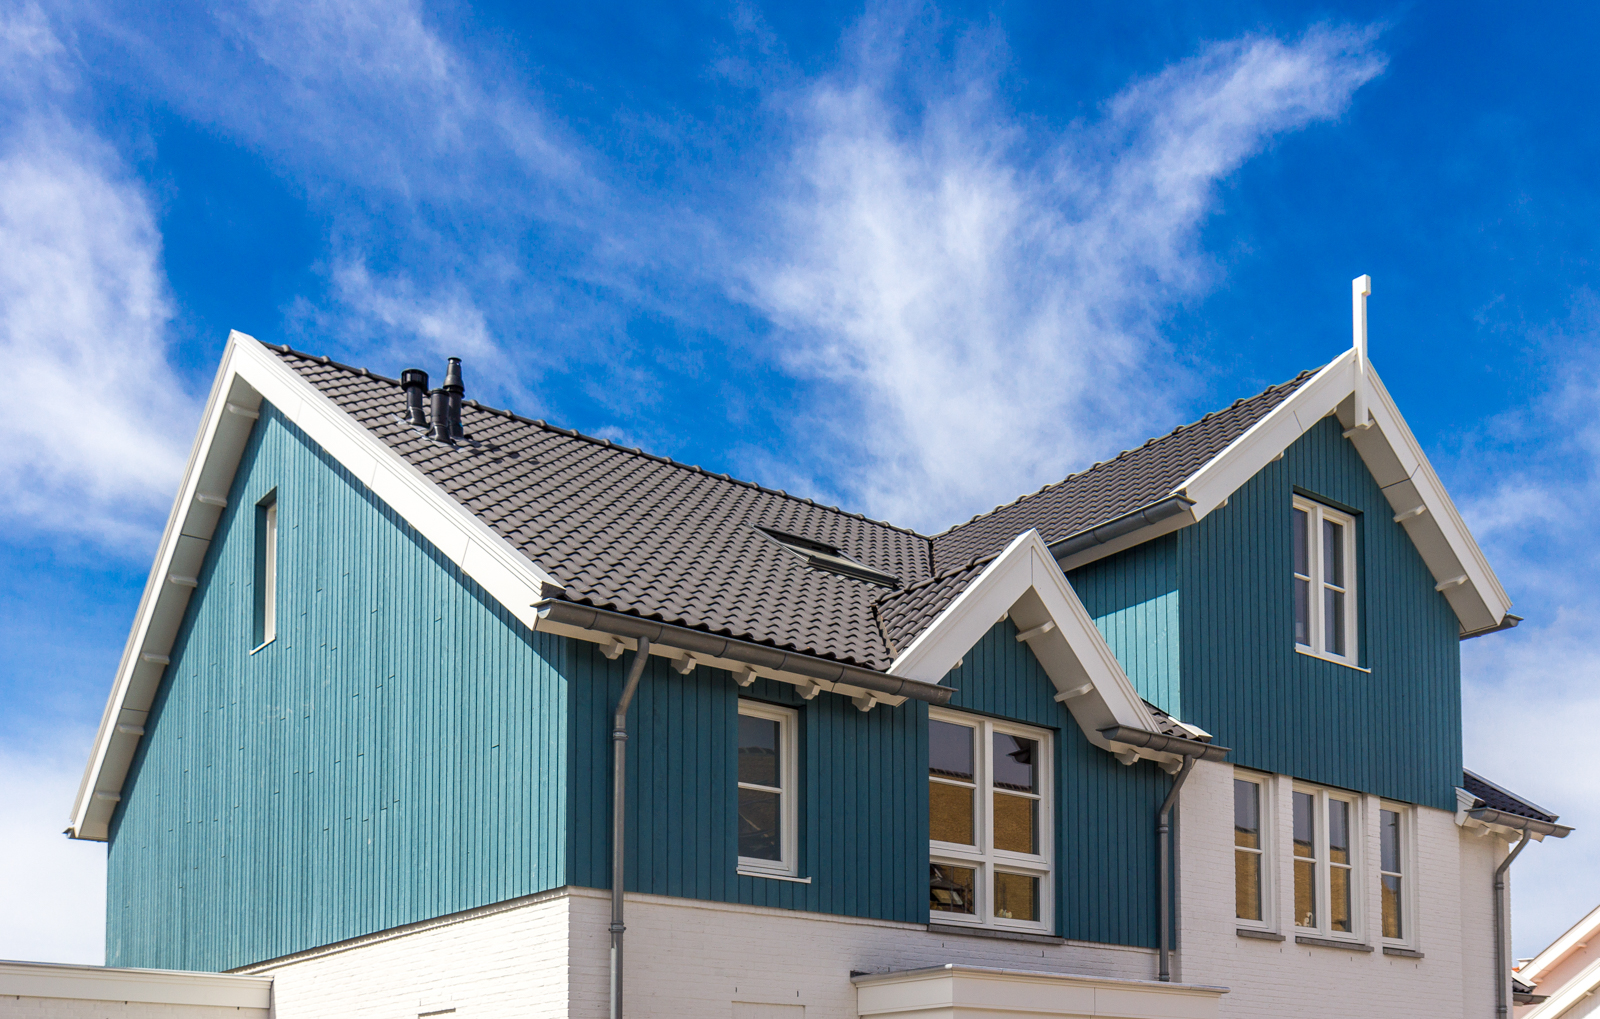 Ackerswoude-Landrijk3-Pijnacker-4399